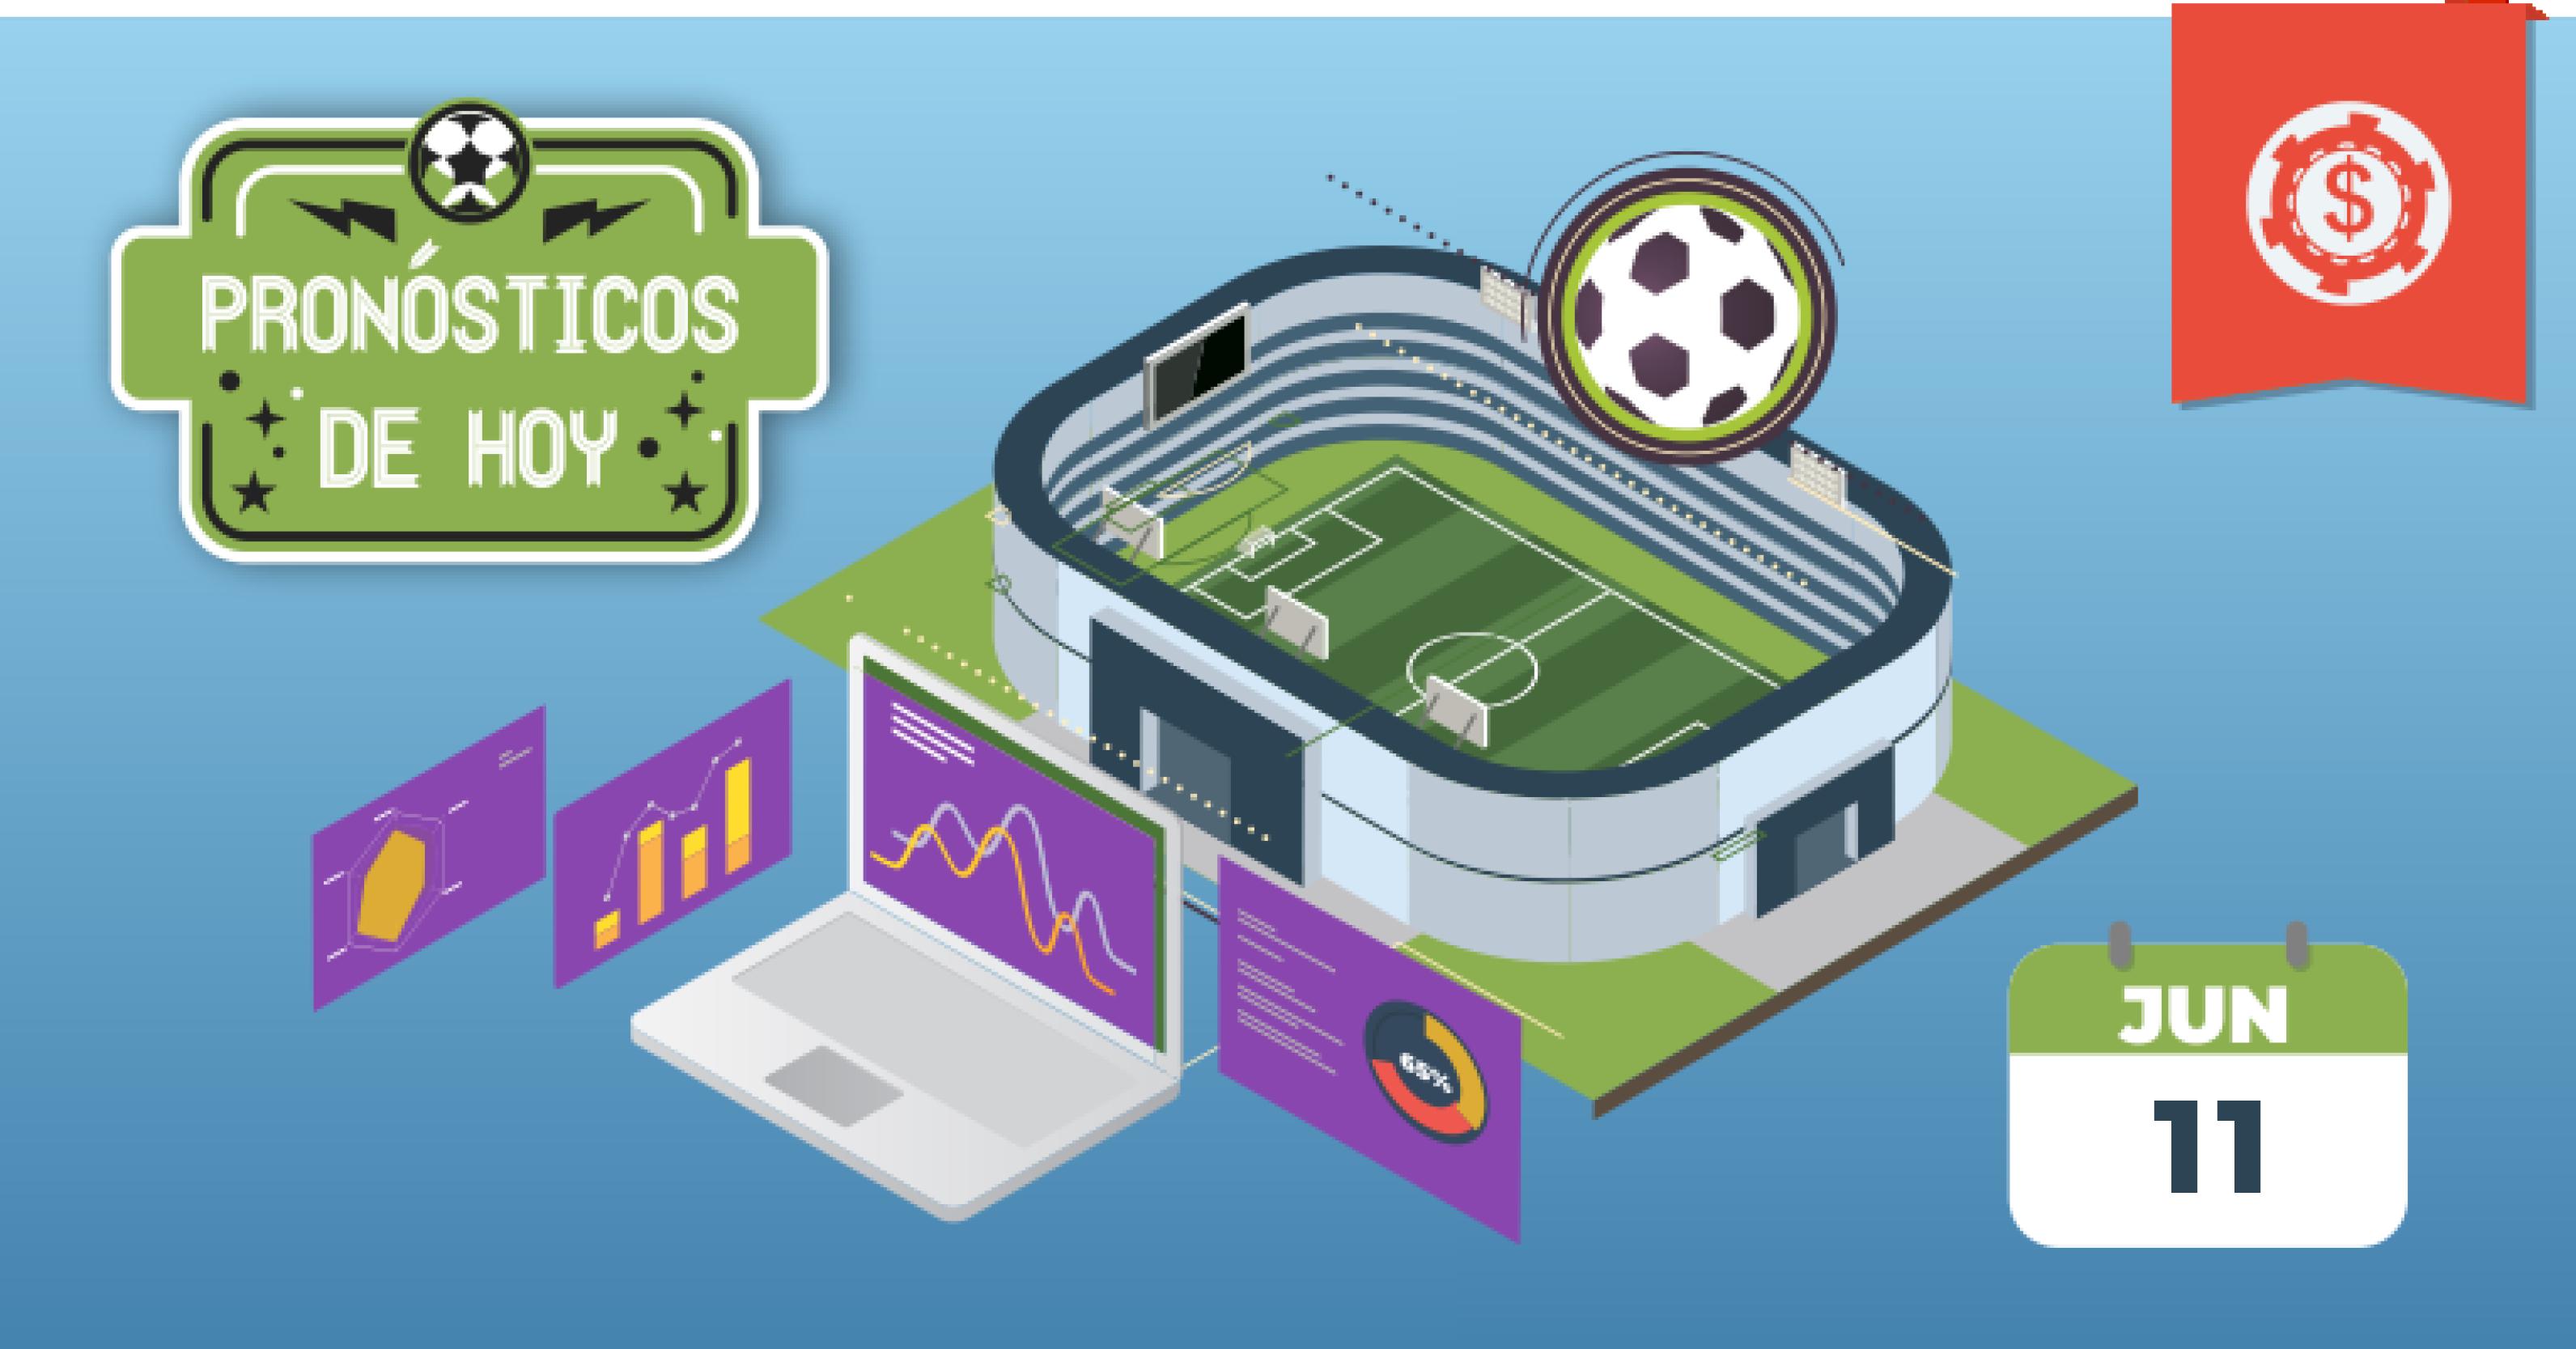 pronosticos-futbol-hoy-predicciones-11-junio-2019-1